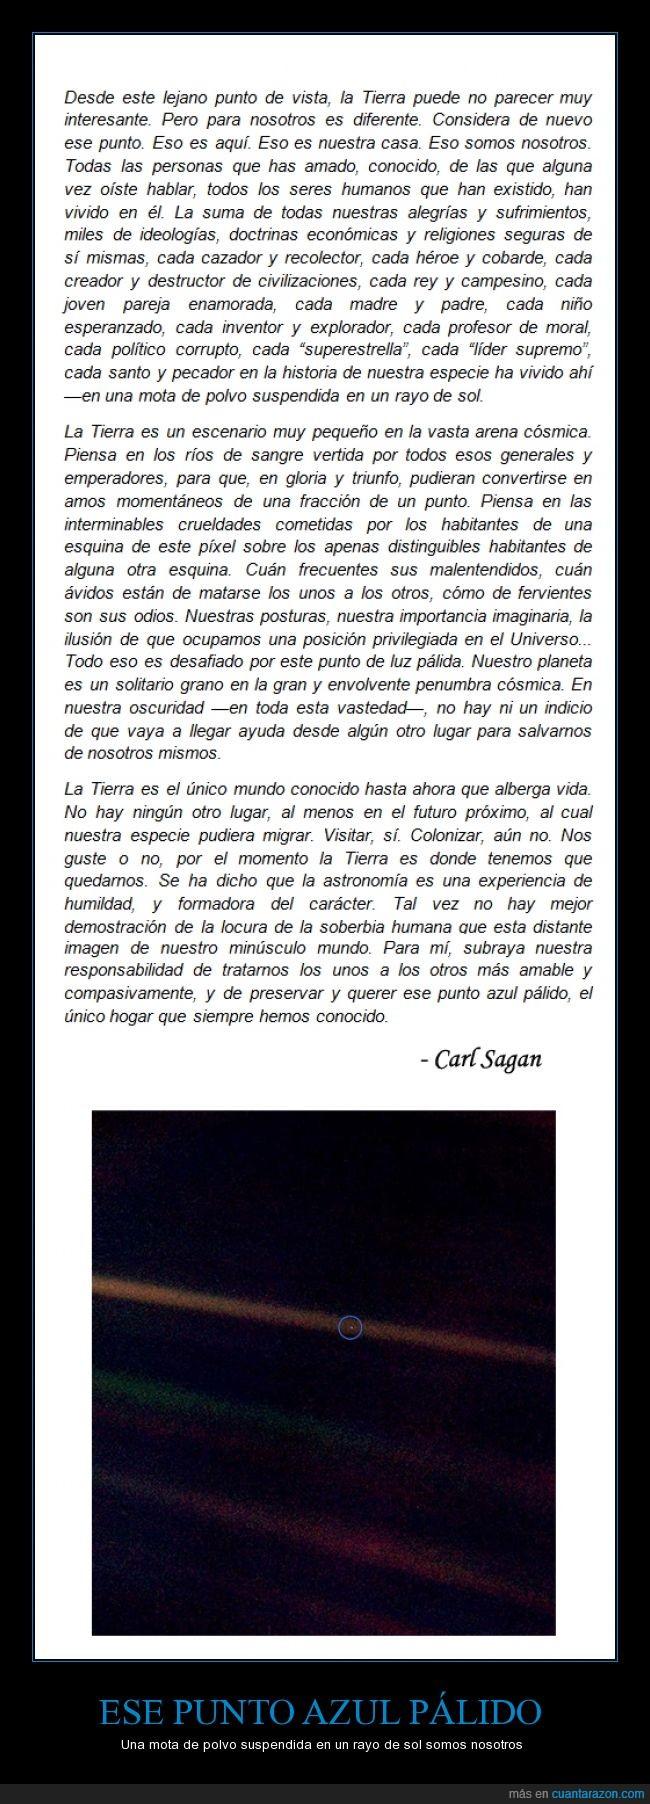 astronomia,Carl Sagan,foto,humanidad,lejos,planeta tierra,reflexion